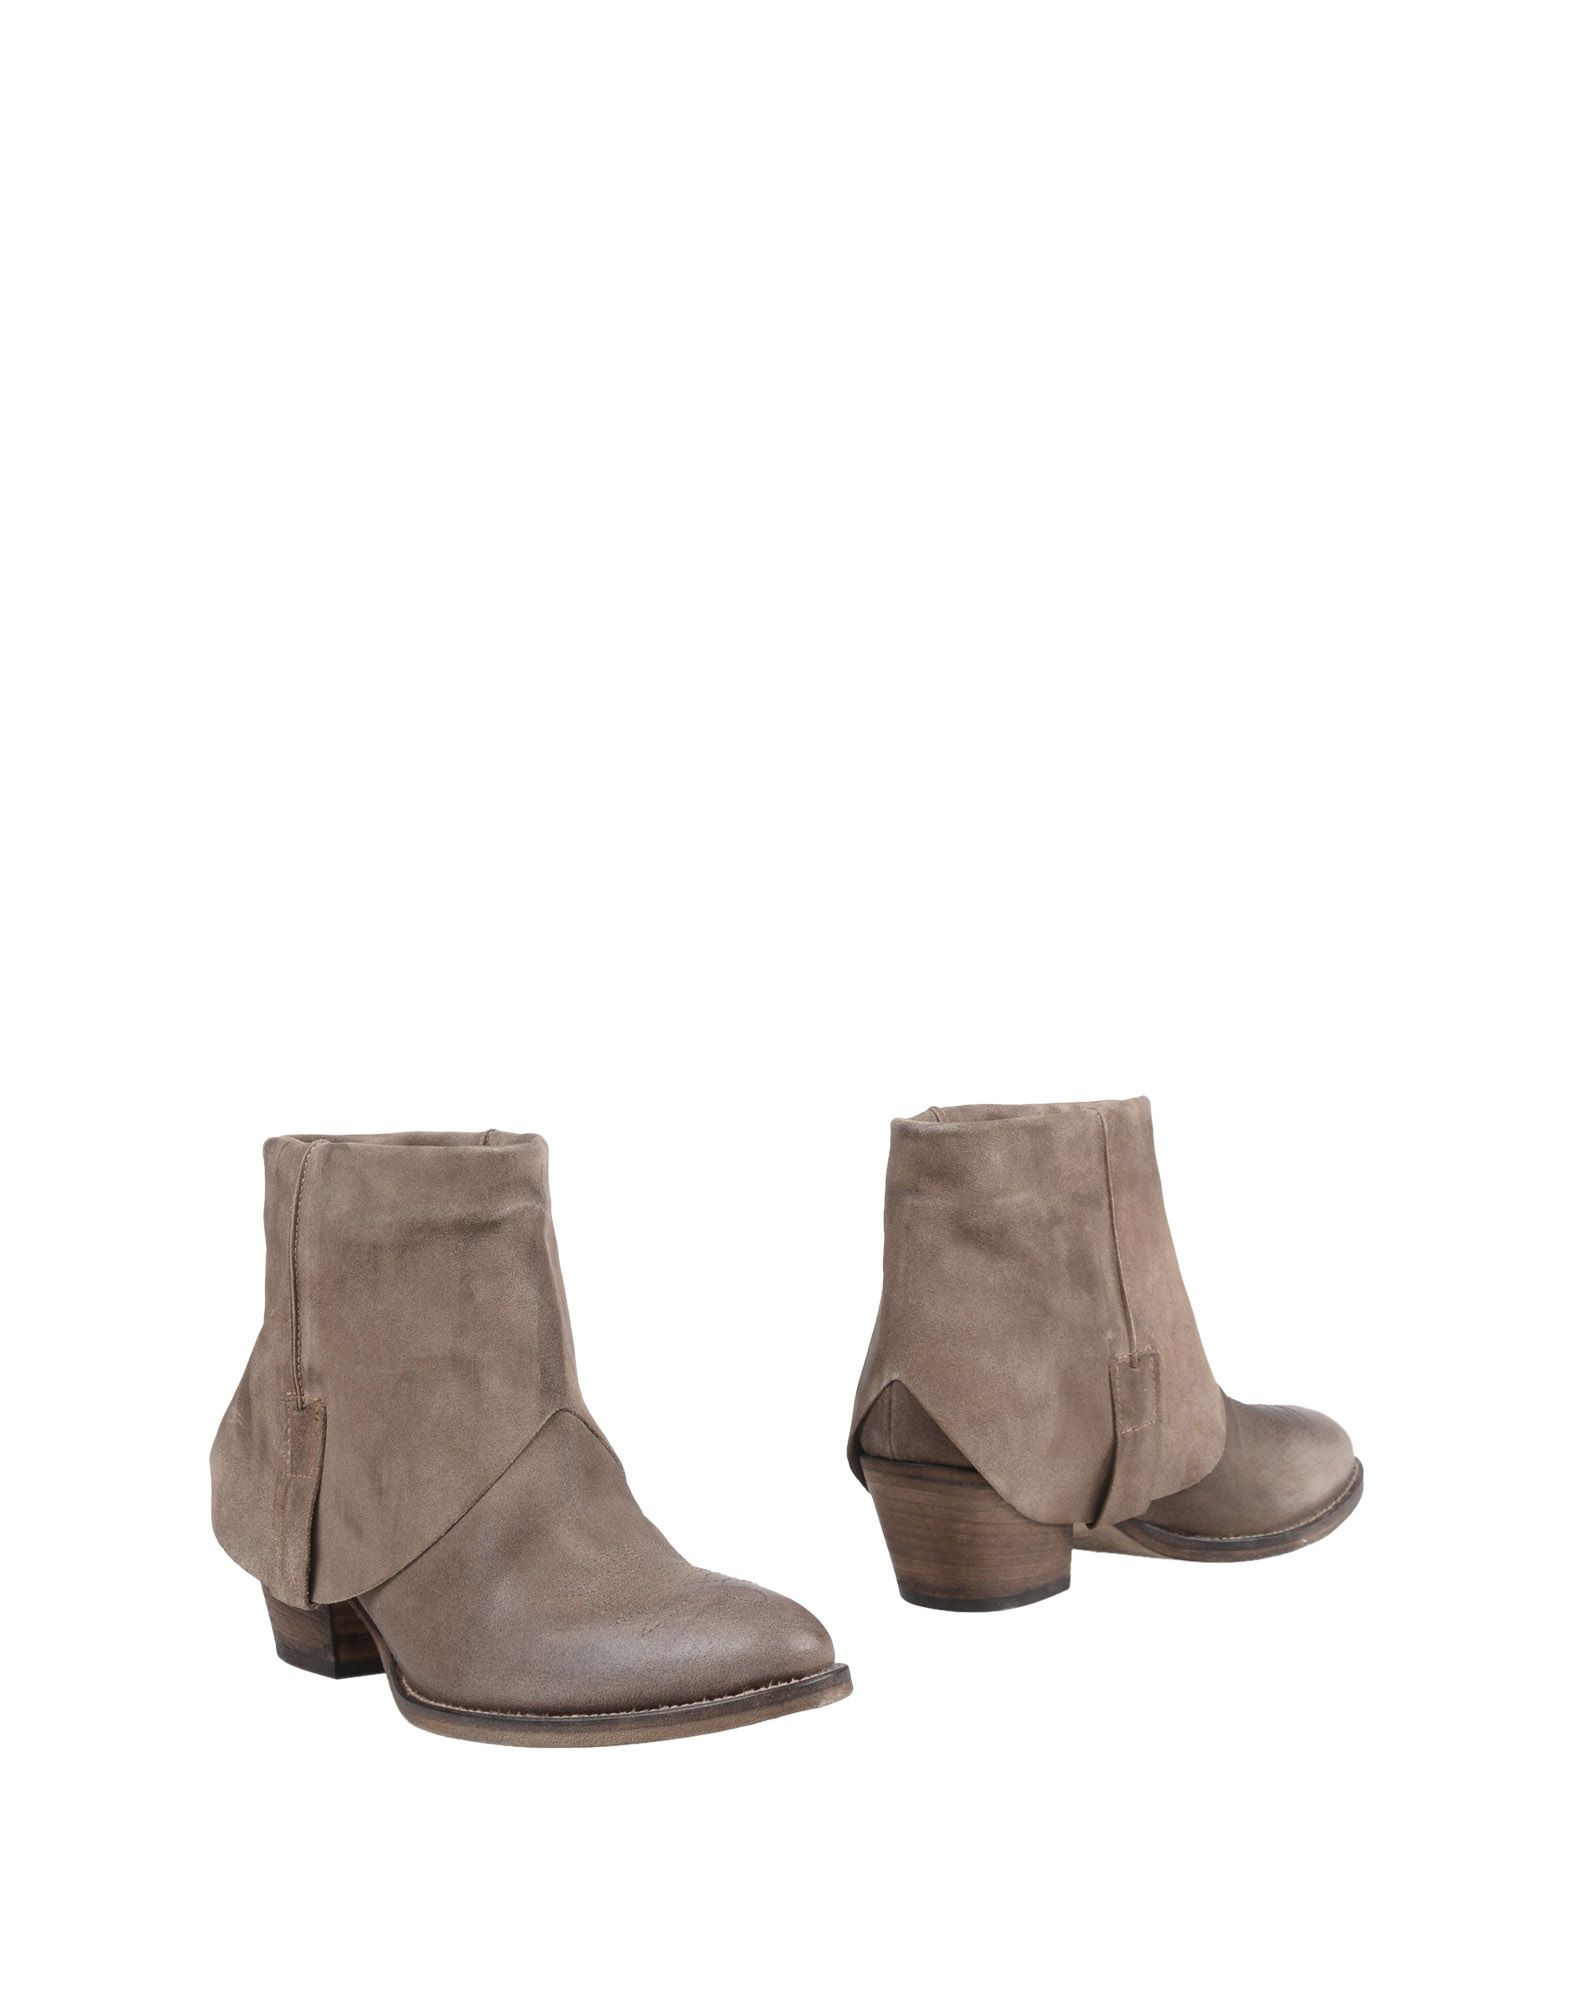 Gut Stiefelette um billige Schuhe zu tragenGarrice Stiefelette Gut Damen  11420269IW 26fbcc